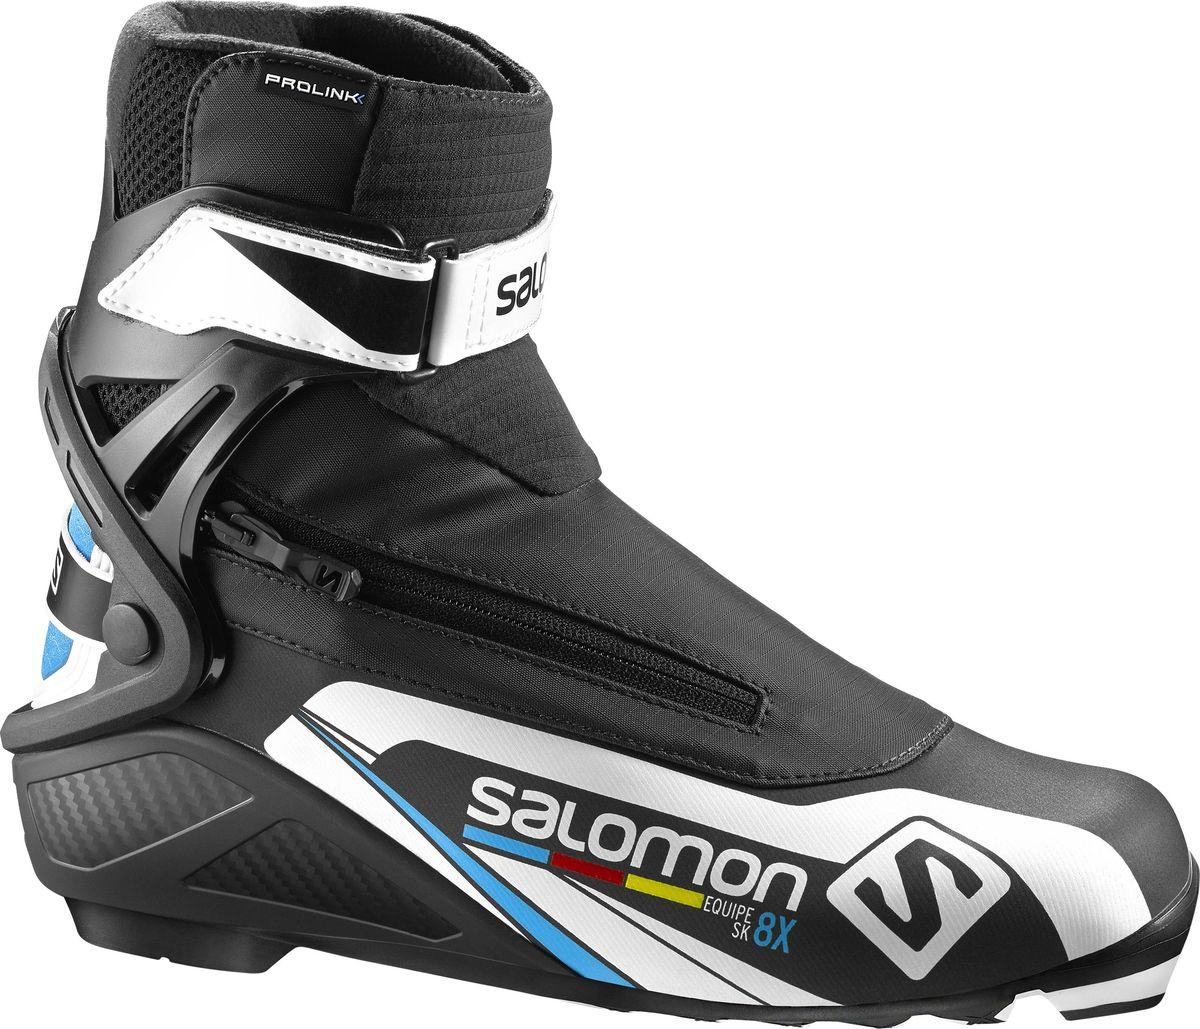 Ботинки для беговых лыж Salomon Equipe 8X Skate Prolink, цвет: черный. Размер 11,5 (45)L39417500В ботинках Salomon Equipe 8X Skate Prolink совмещены системы термоформовки Custom fit с инновационной раздельной системой быстрого шнурования для великолепного комфорта. Манжета Energyzer cuff обеспечит мощную и прогрессивную боковую поддержку. Ботинки созданы для любителей лыжного спорта, ценящих рабочие характеристики и желающих приобрести ботинки по доступной цене.